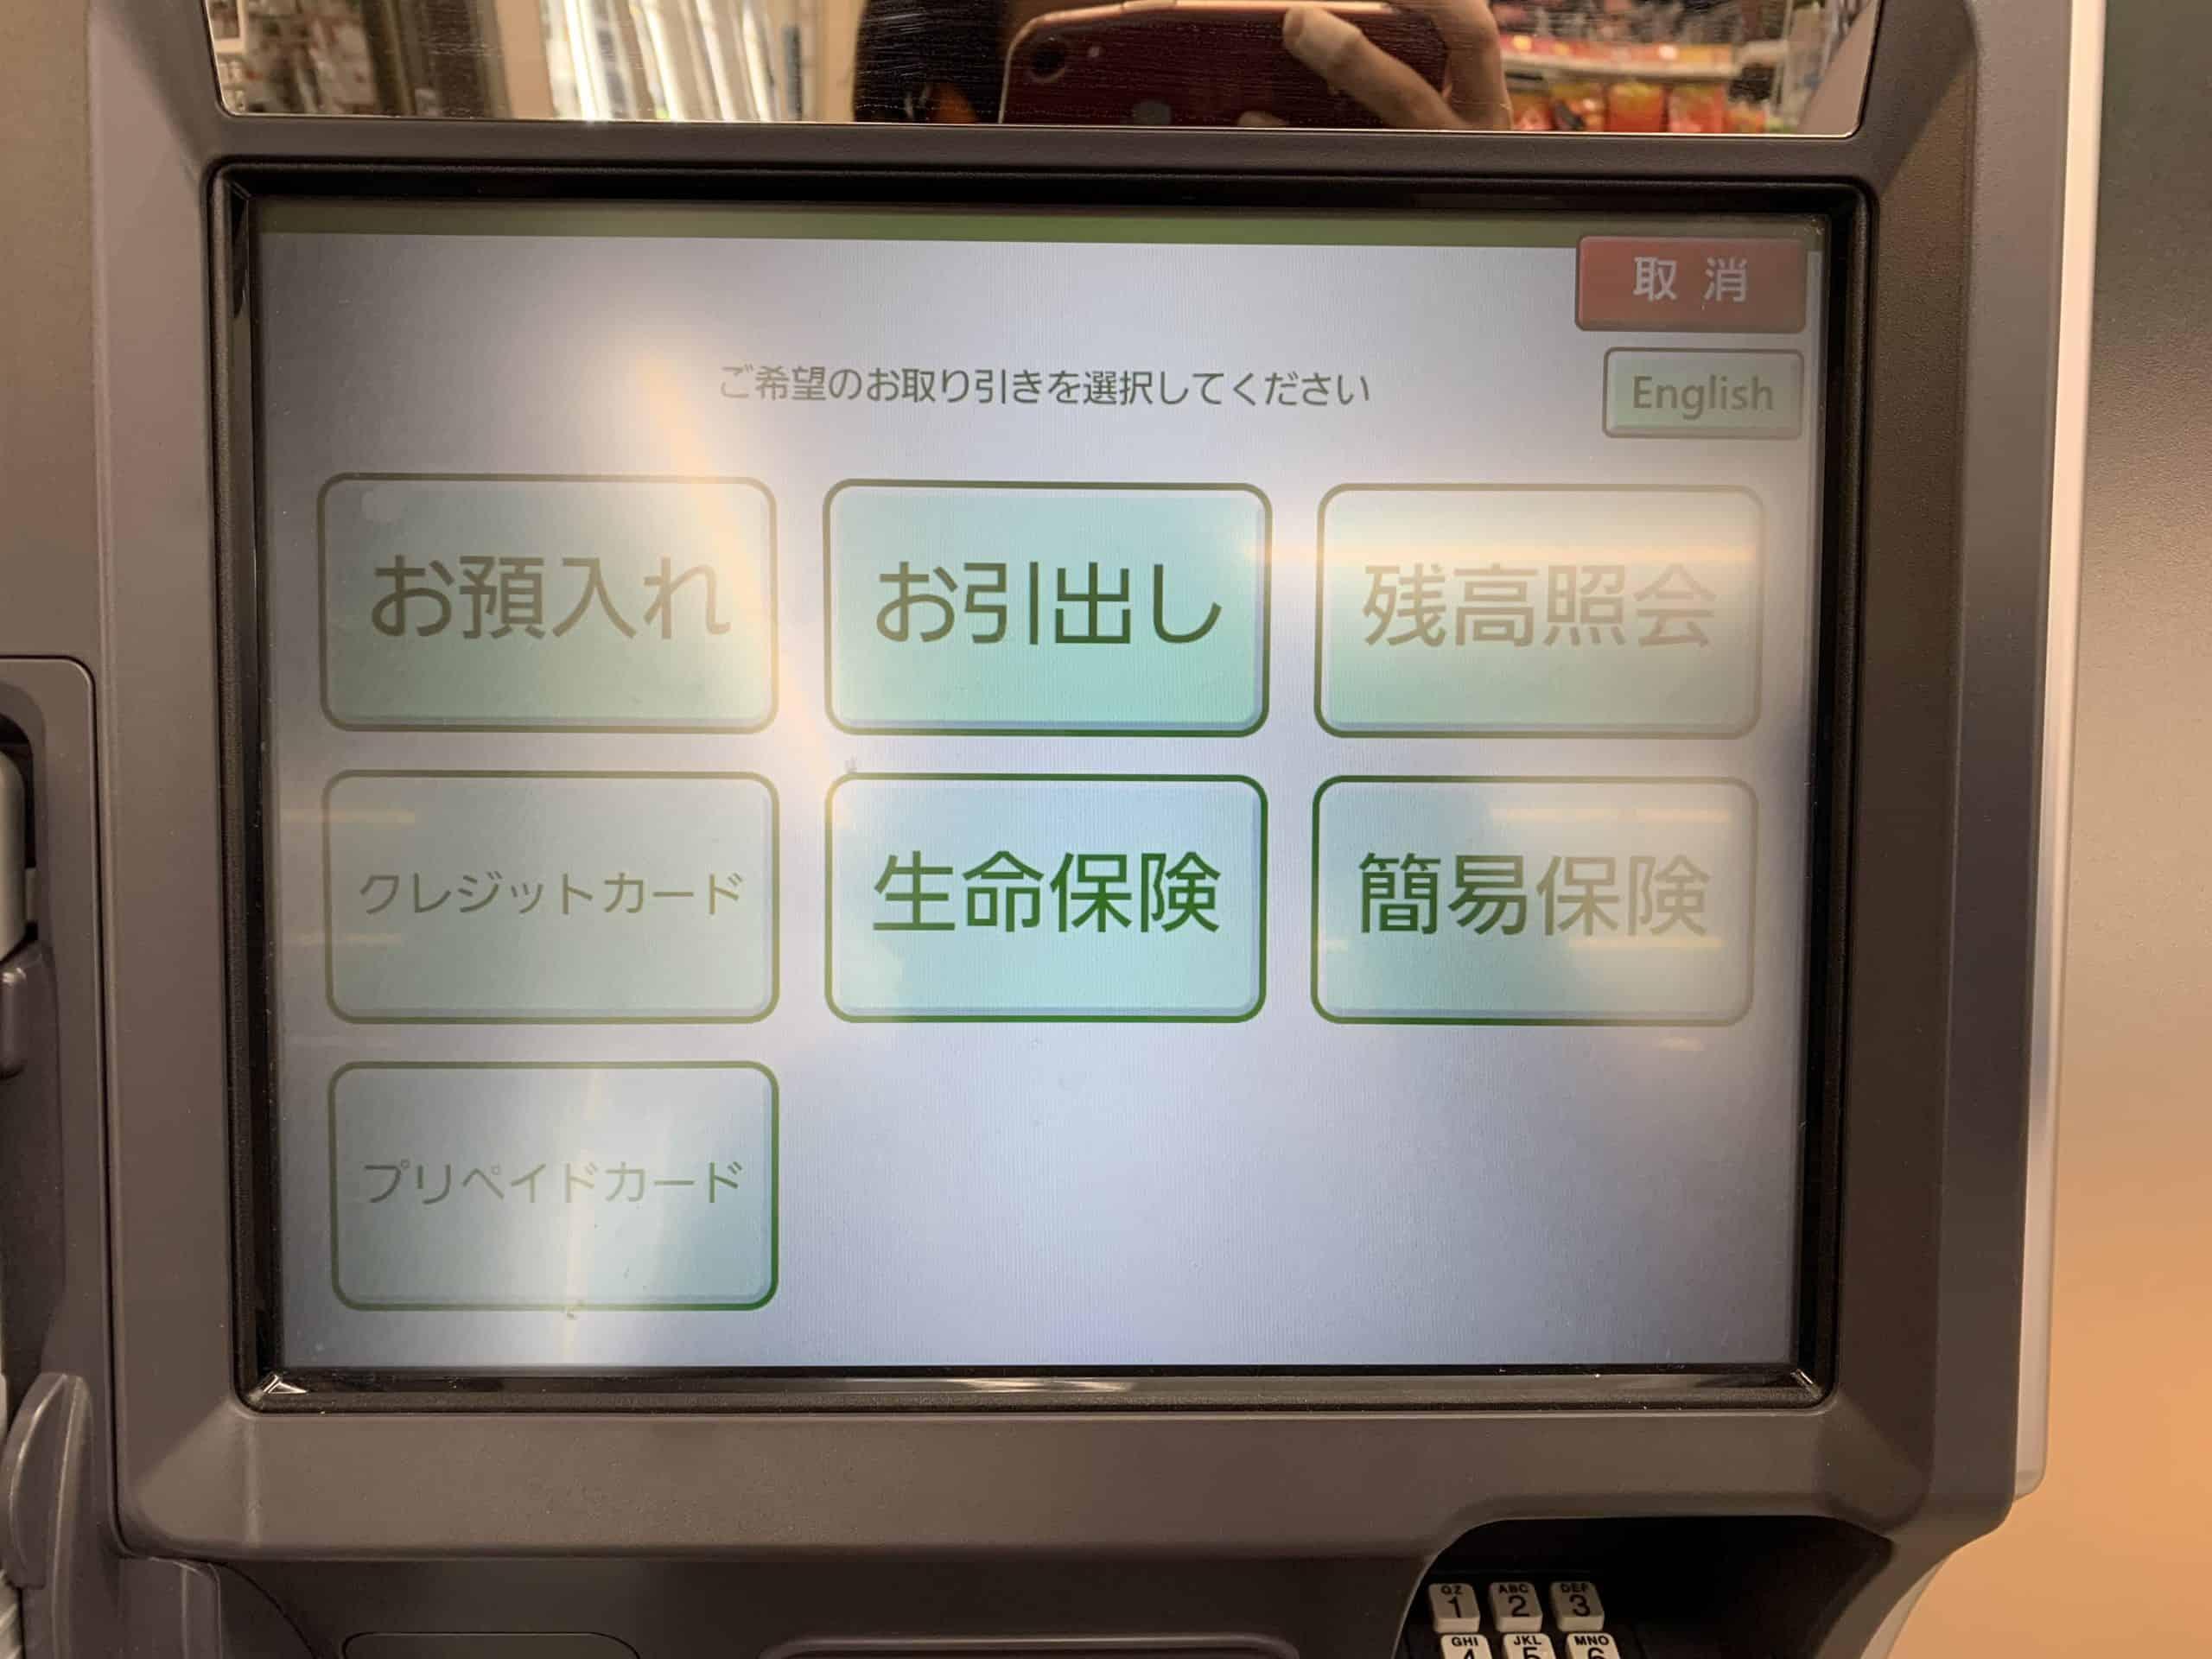 ファミマ内ゆうちょ銀行ATM